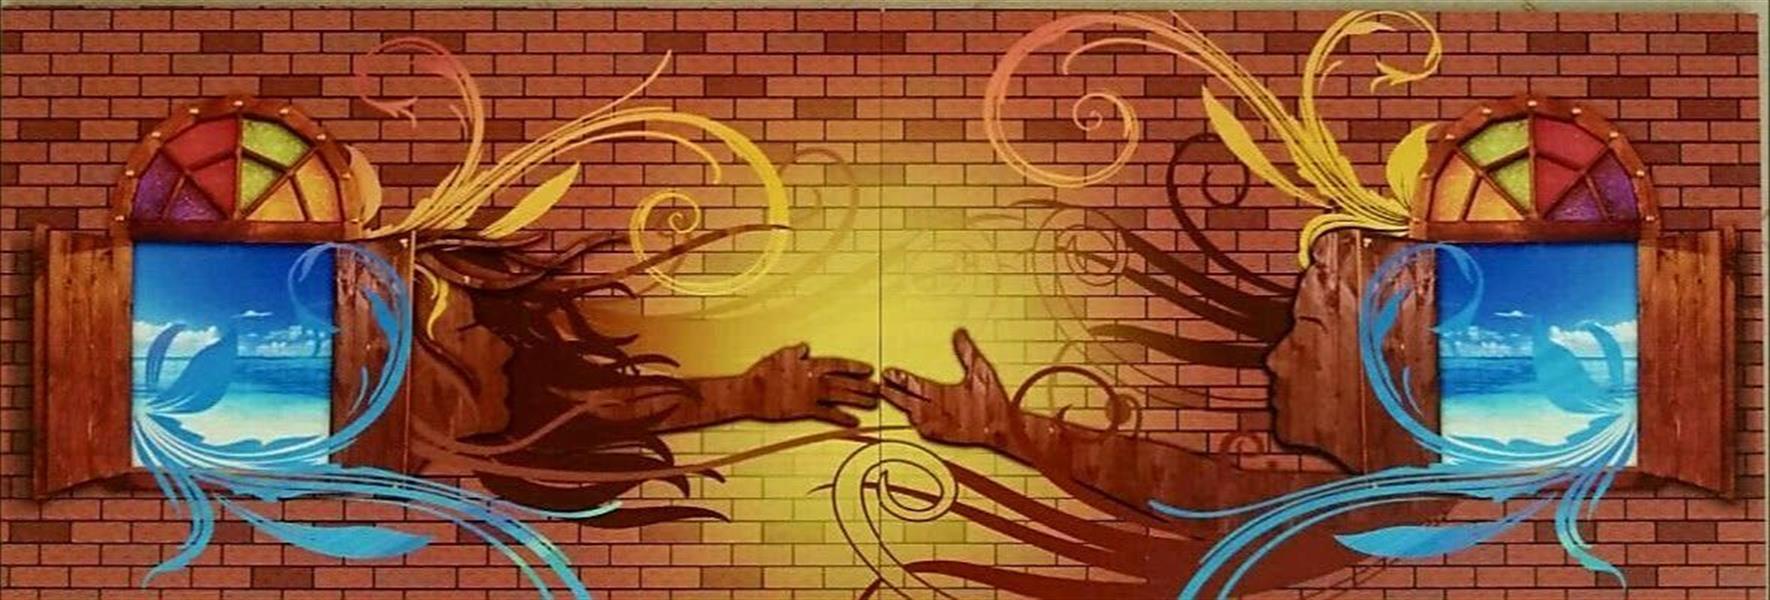 هنر نقاشی و گرافیک تصویرسازی ندا مومن نام اثر: #دو پنجره مرداد۱۳۹۶